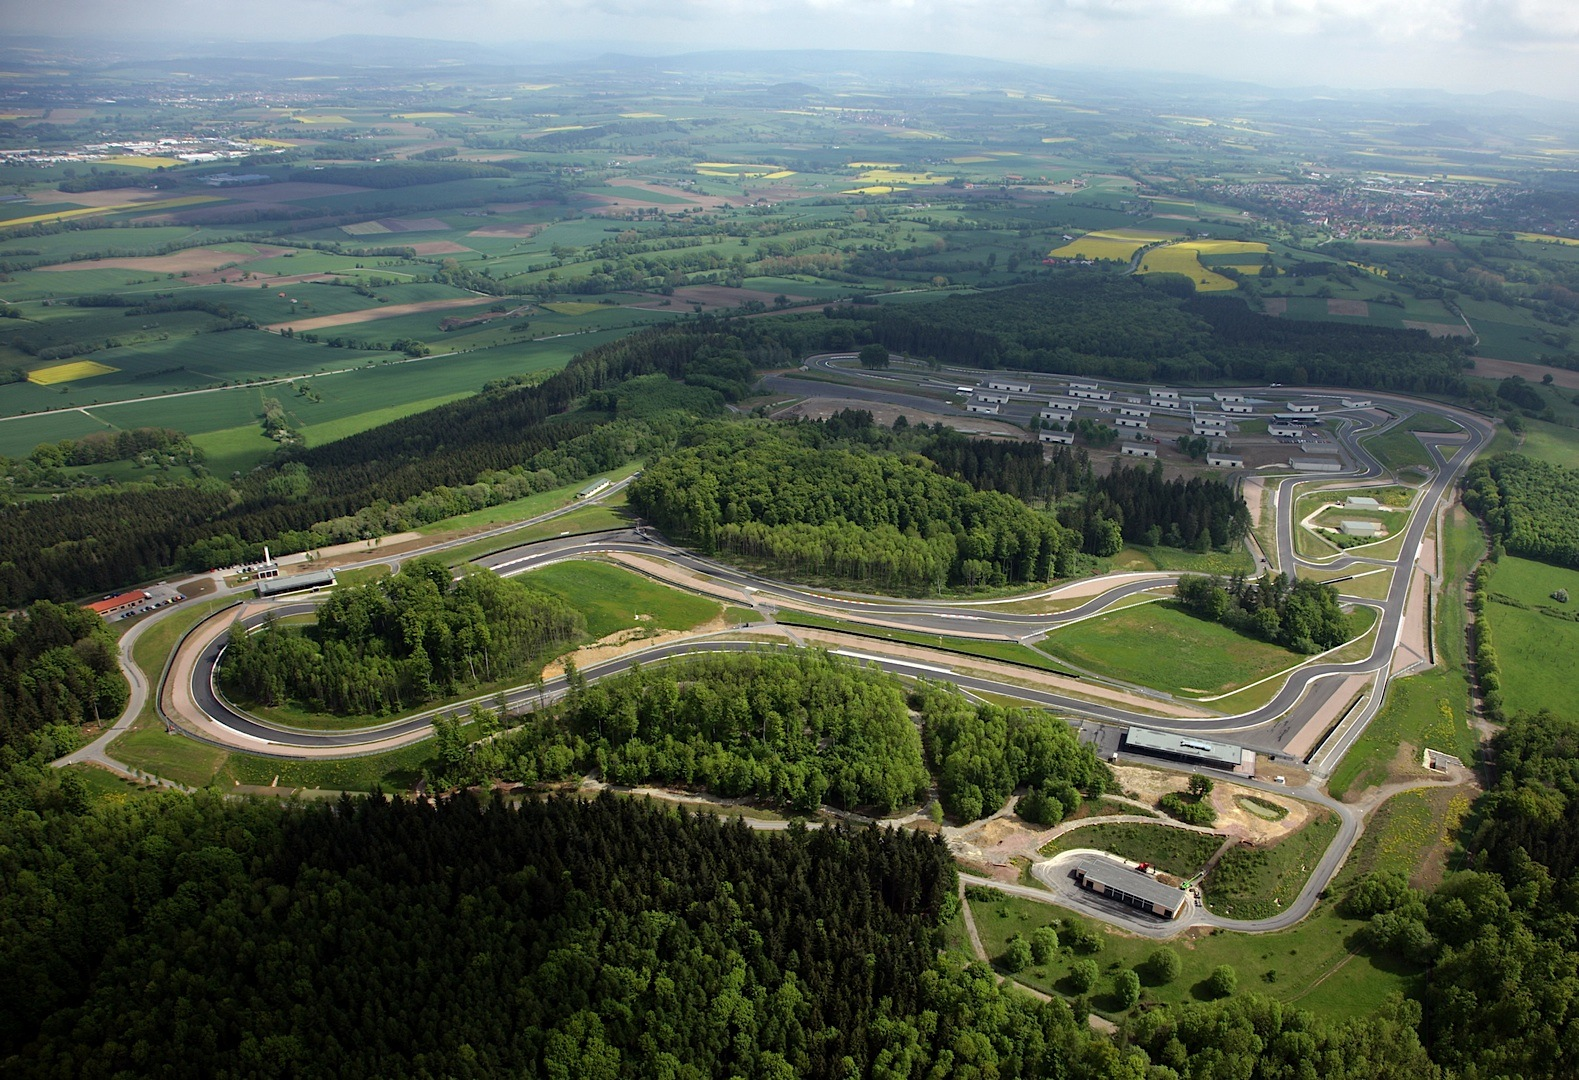 Bilster Berg racetrack